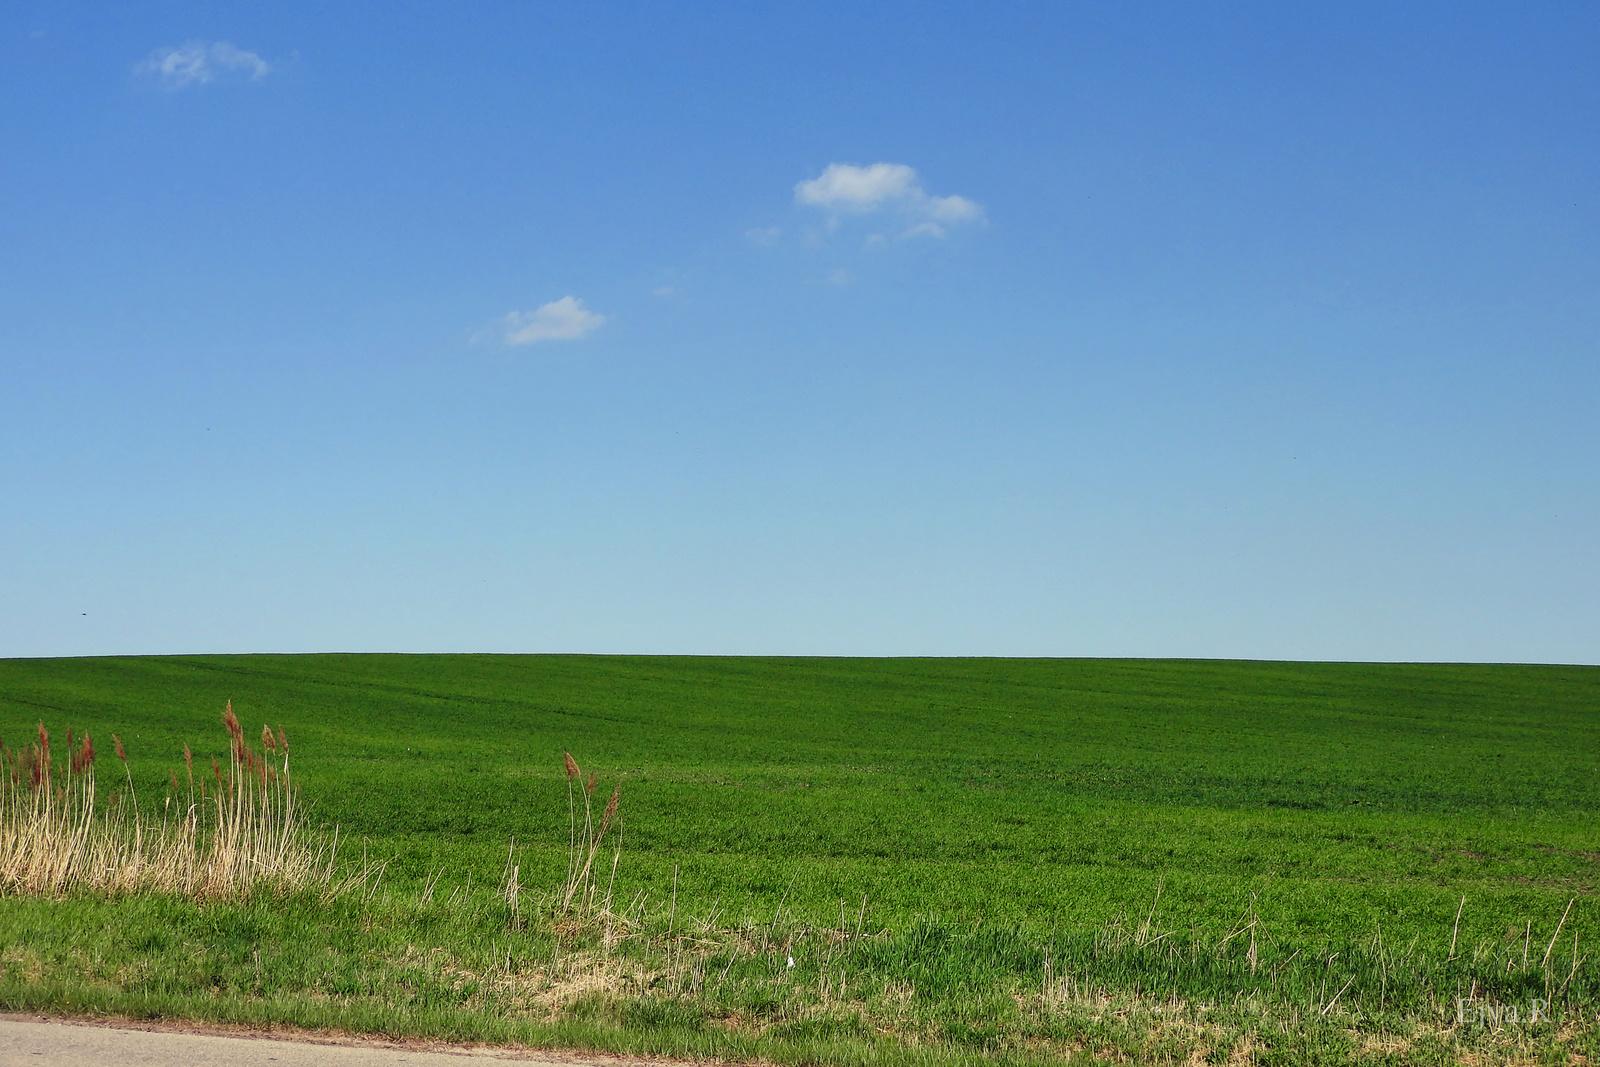 Tavasz Táj Zöldül a vetés